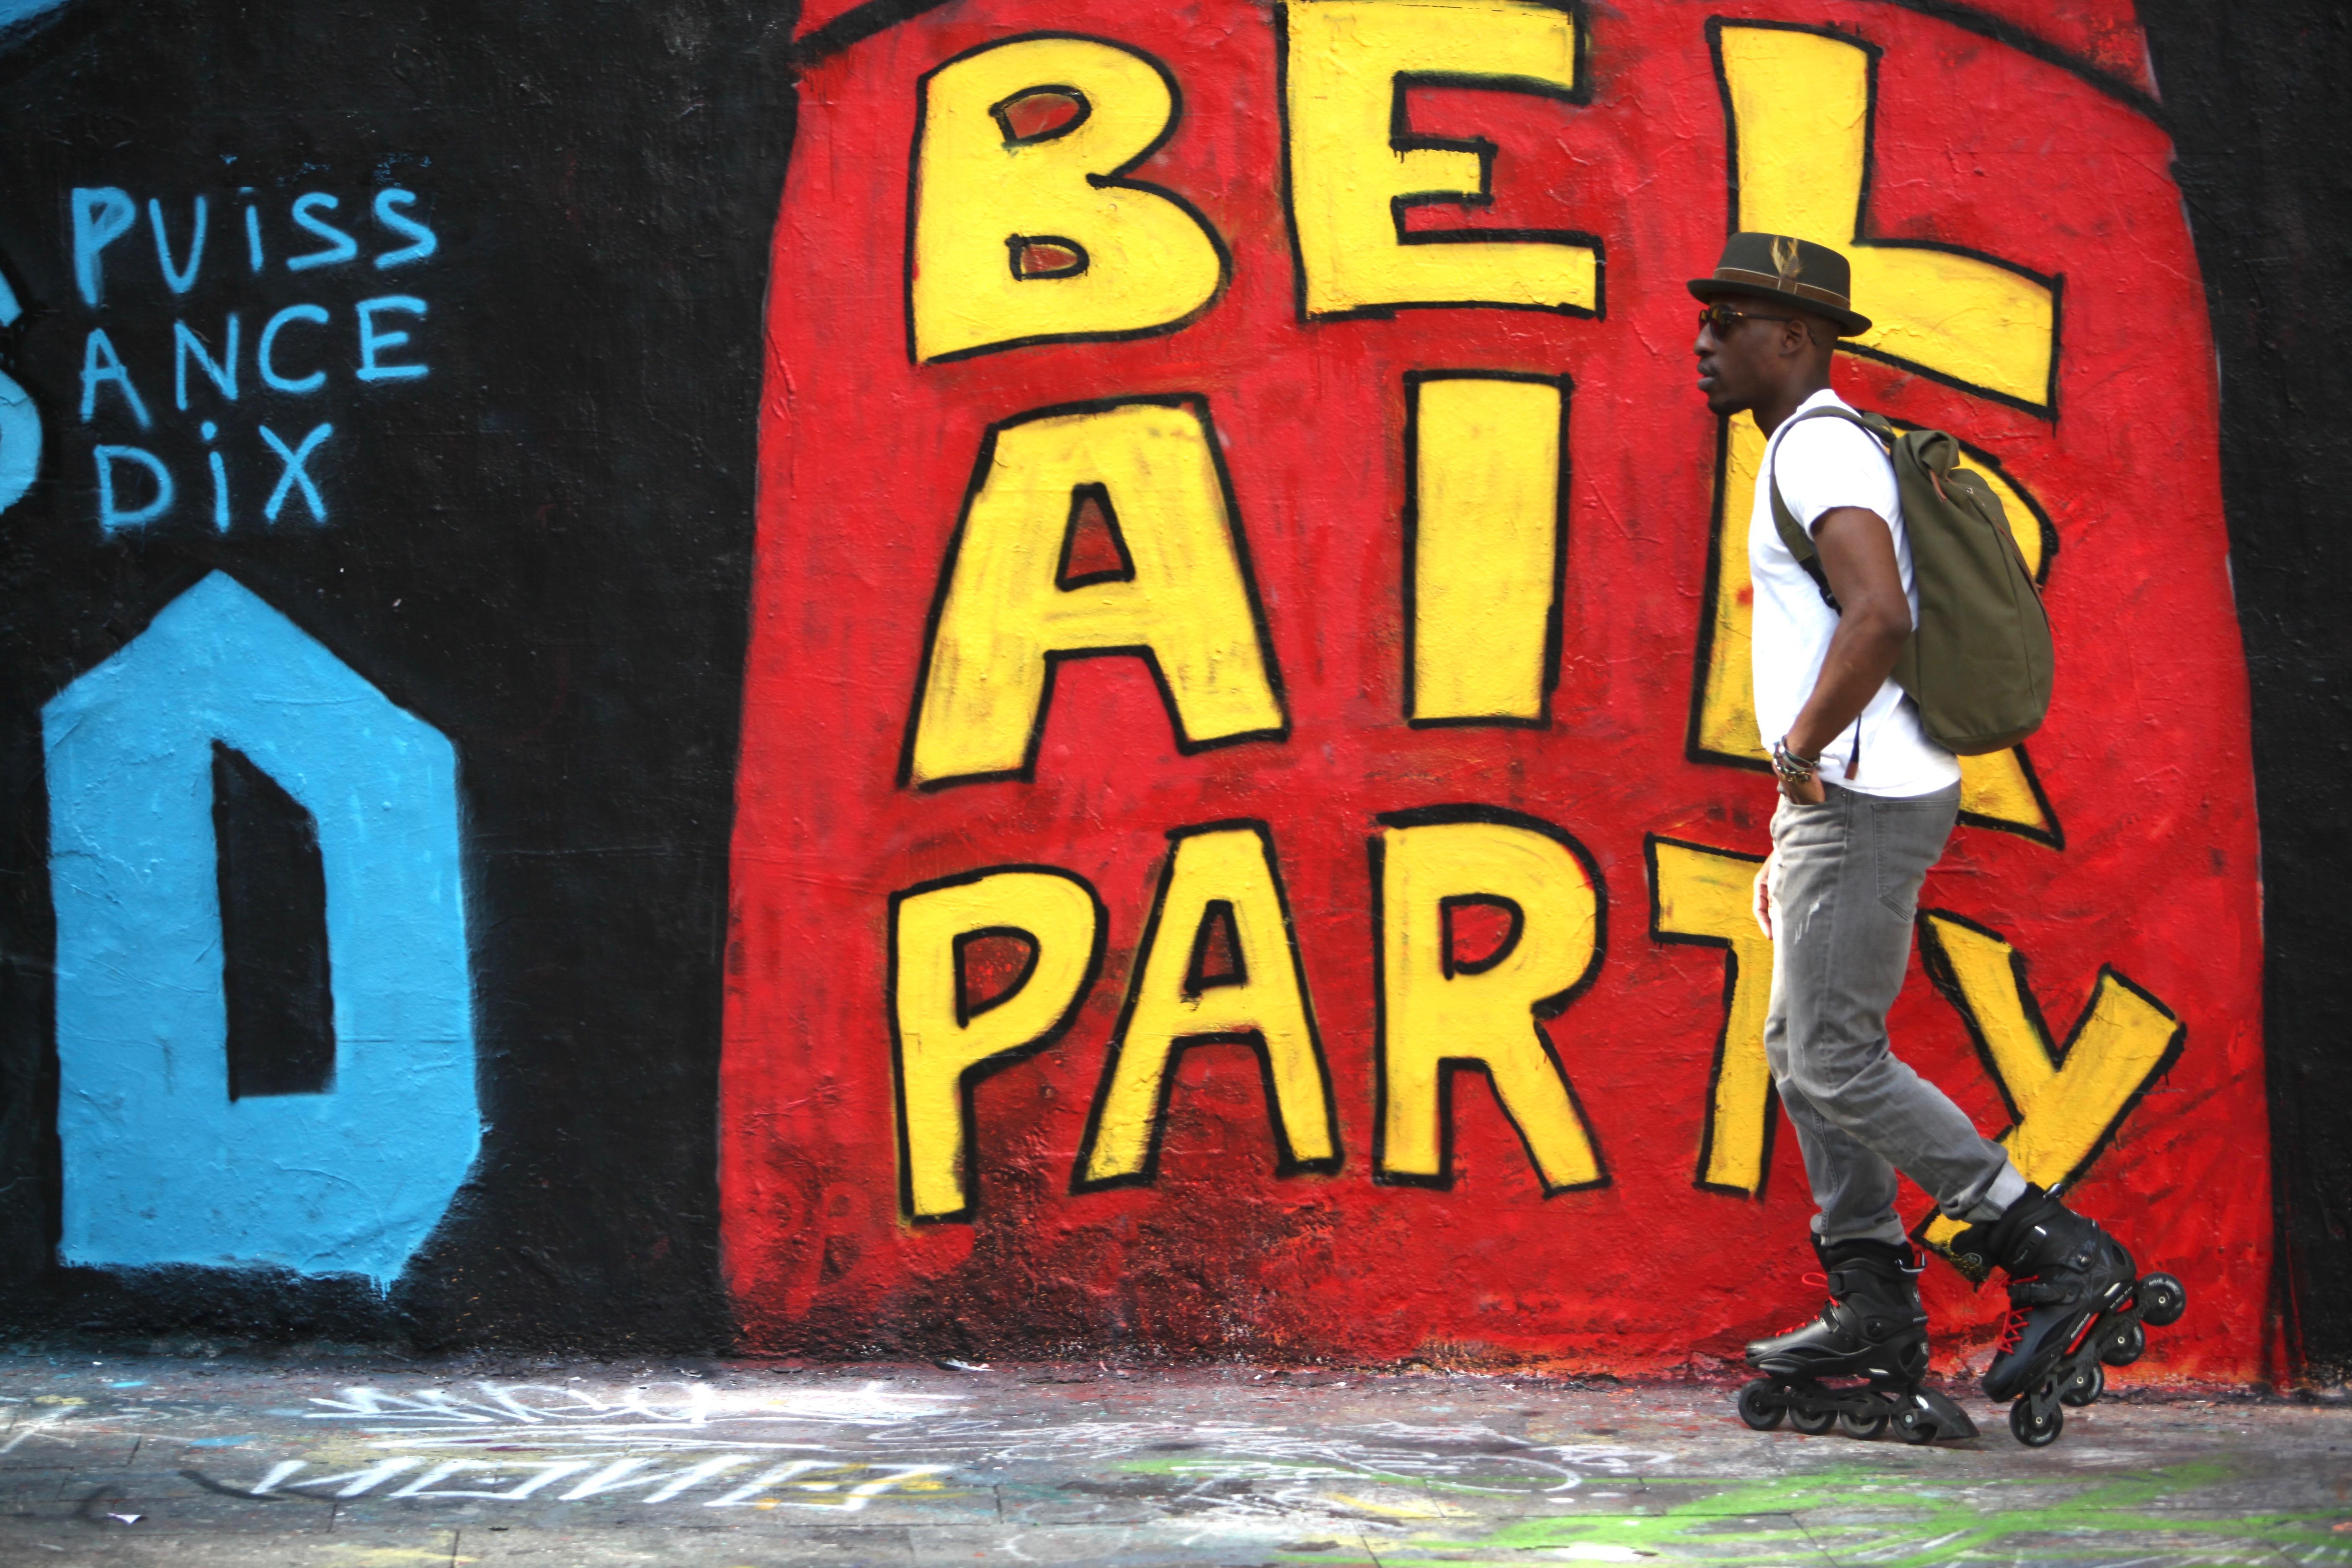 Paris Roller